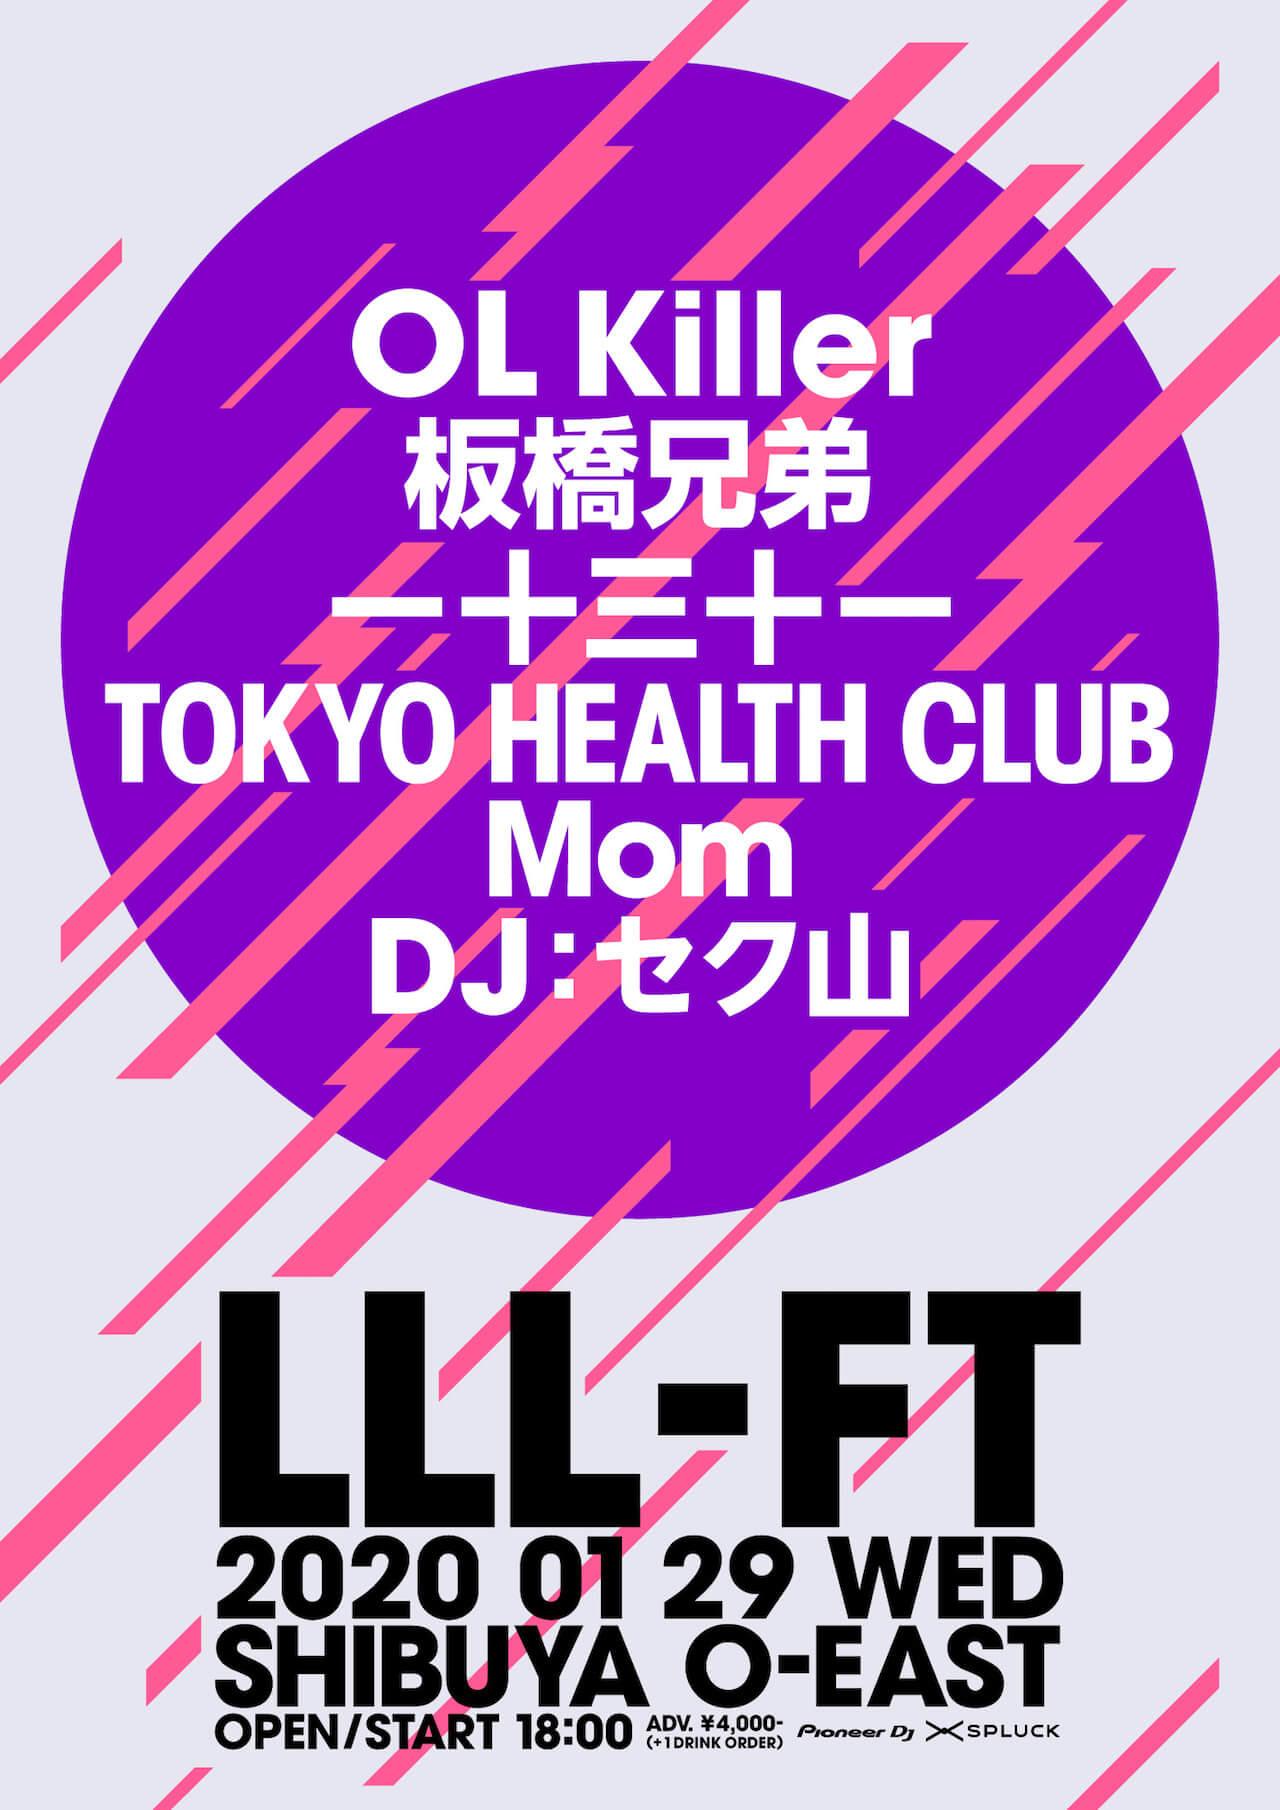 2020年に新パーティー<LLL-FT>がTSUTAYA O-EASTで始動|OL Killer、板橋兄弟、一十三十一、TOKYO HEALTH CLUB、Mom、セク山が登場 music191218-lll-ft